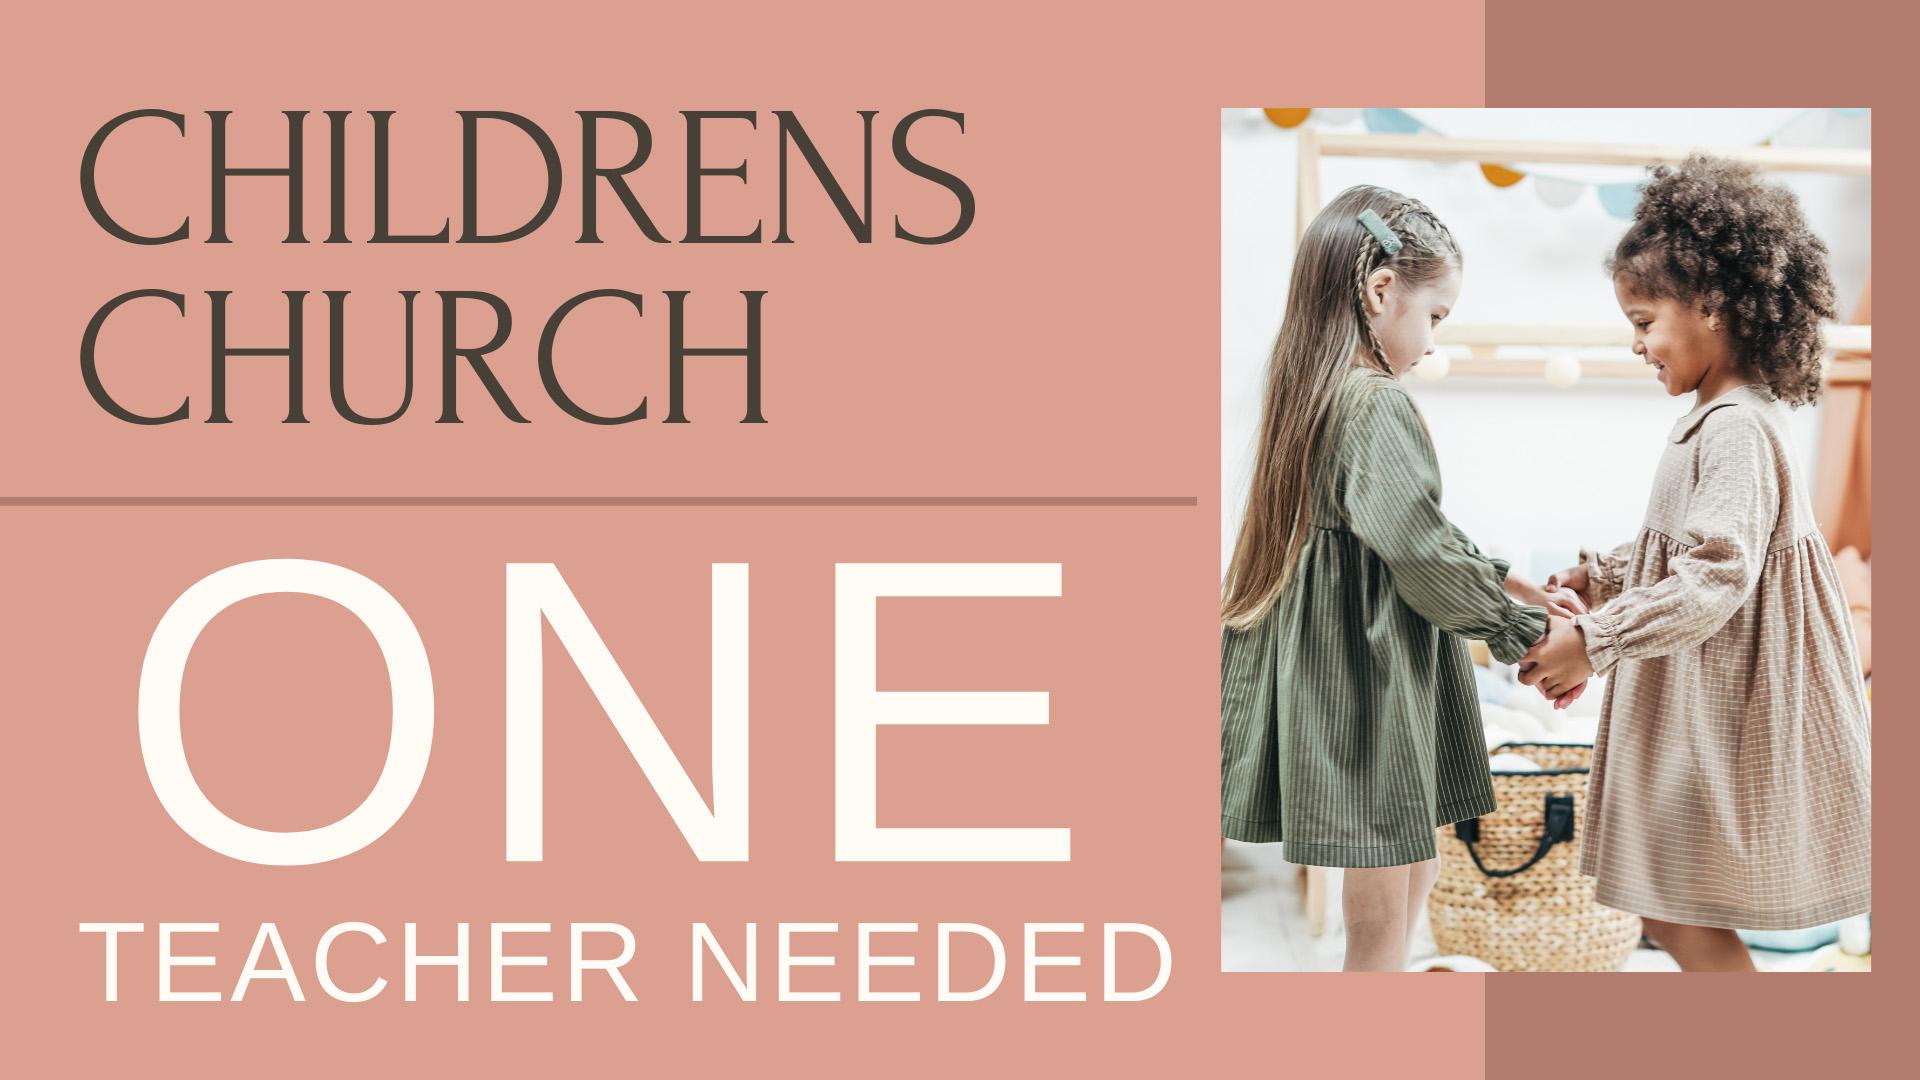 Children's Church – 1 Helper Needed